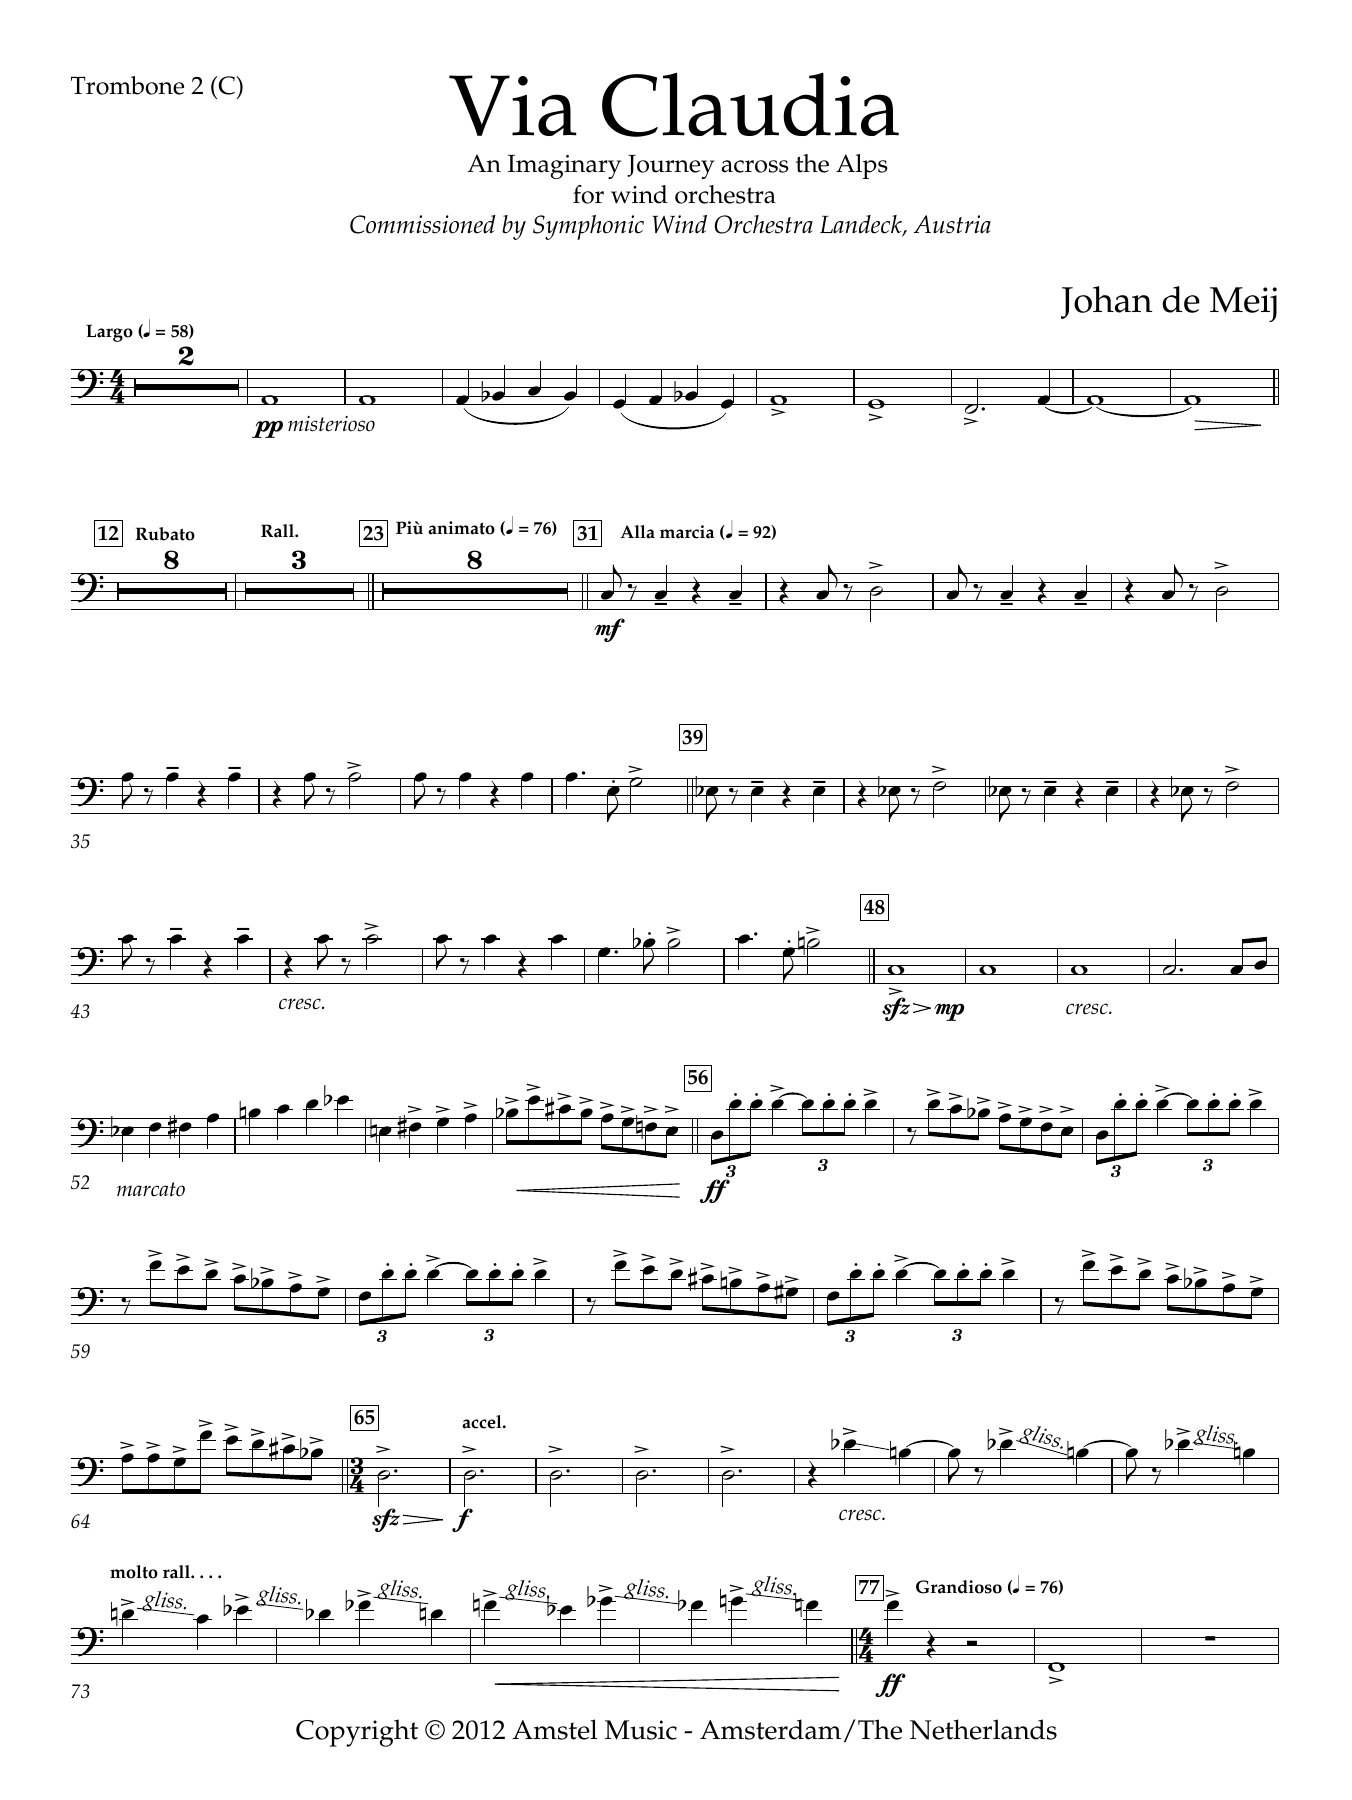 Via Claudia - Trombone 2 (C)